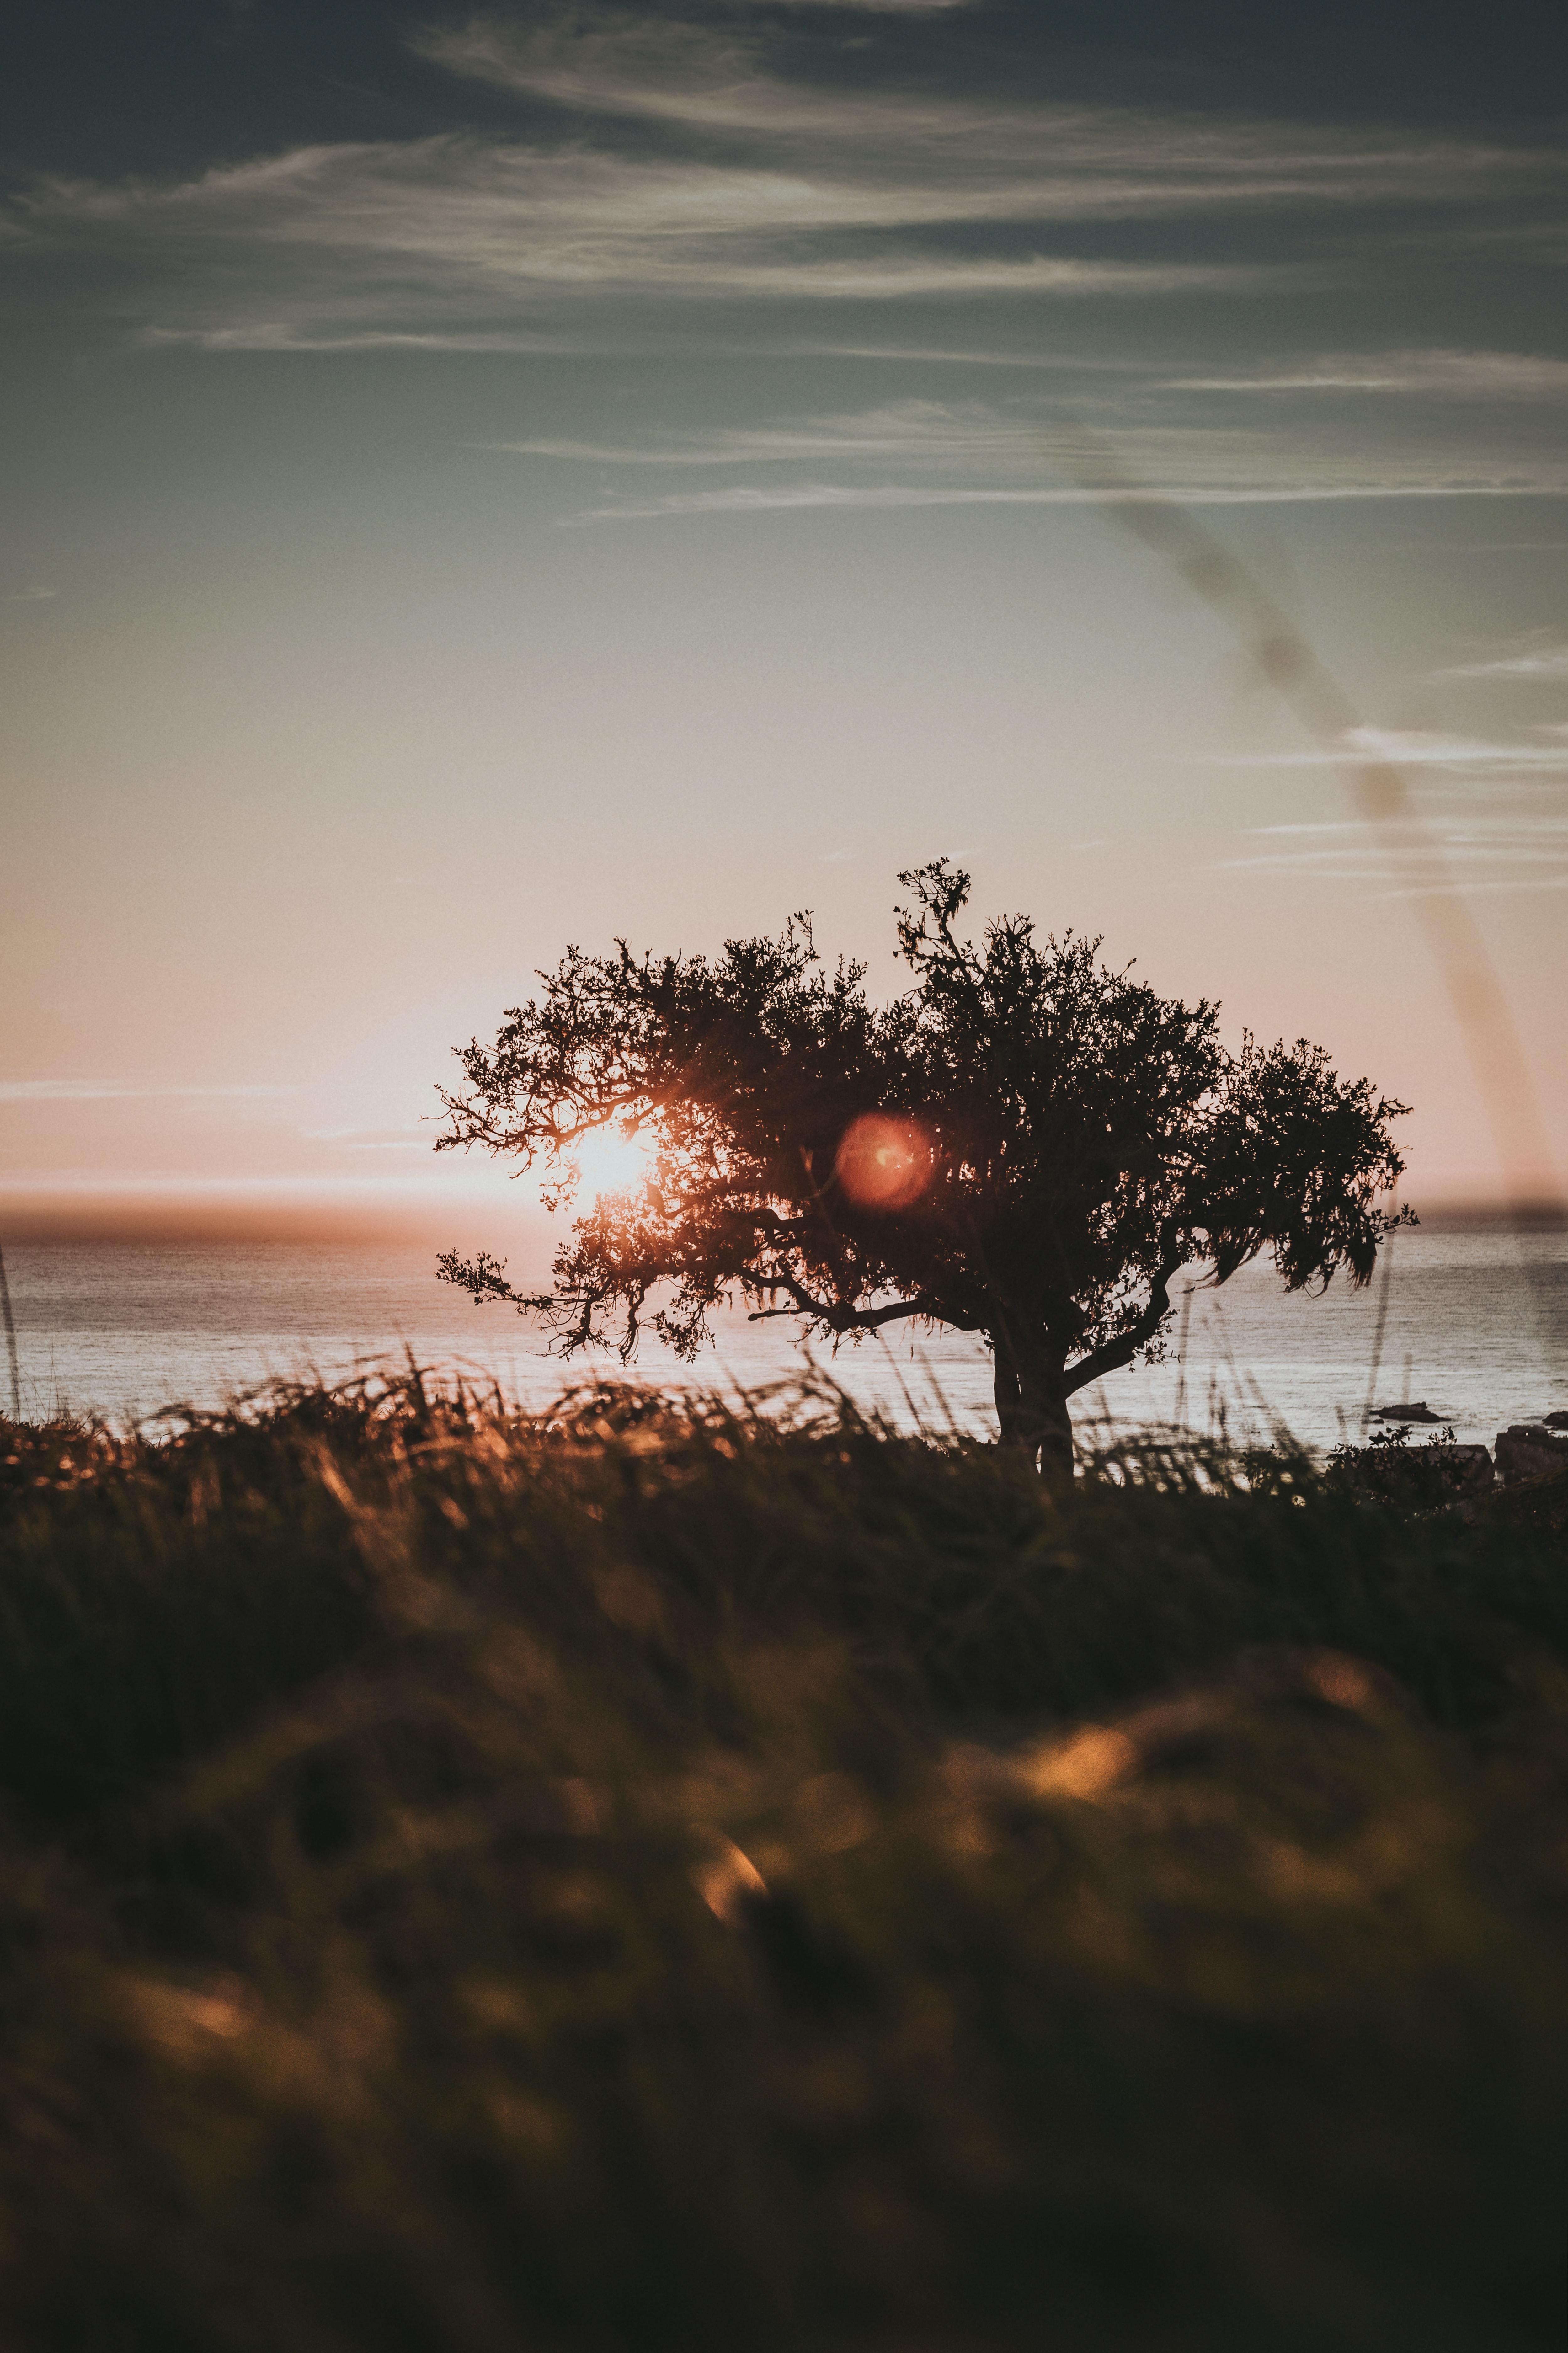 128464 Заставки и Обои Солнце на телефон. Скачать Солнце, Природа, Закат, Блики, Дерево картинки бесплатно